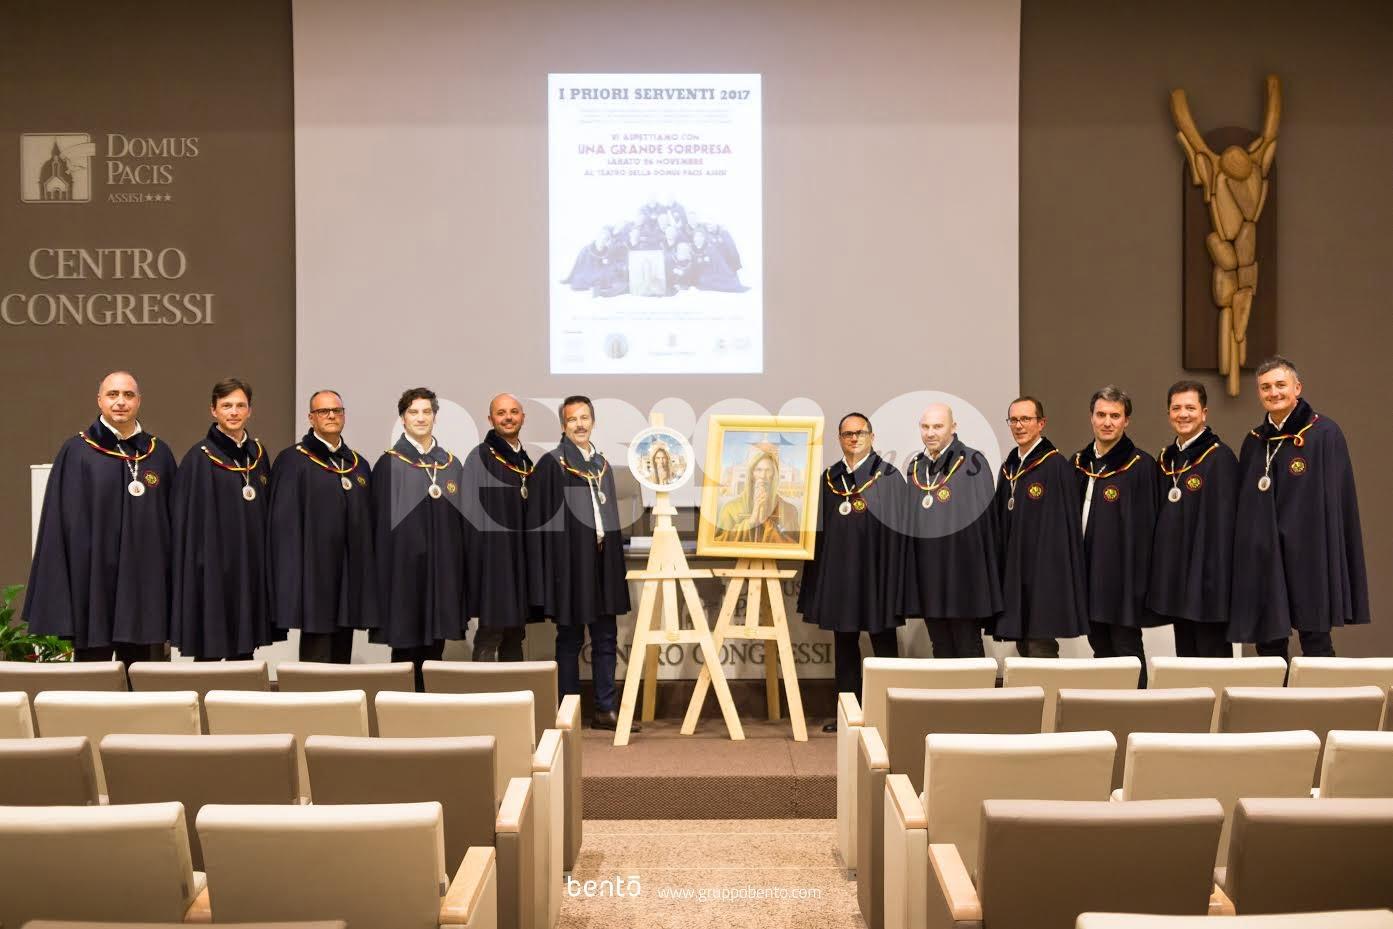 Il Piatto di Sant'Antonio 2017 tra sacro e profano con le reliquie e Varenne